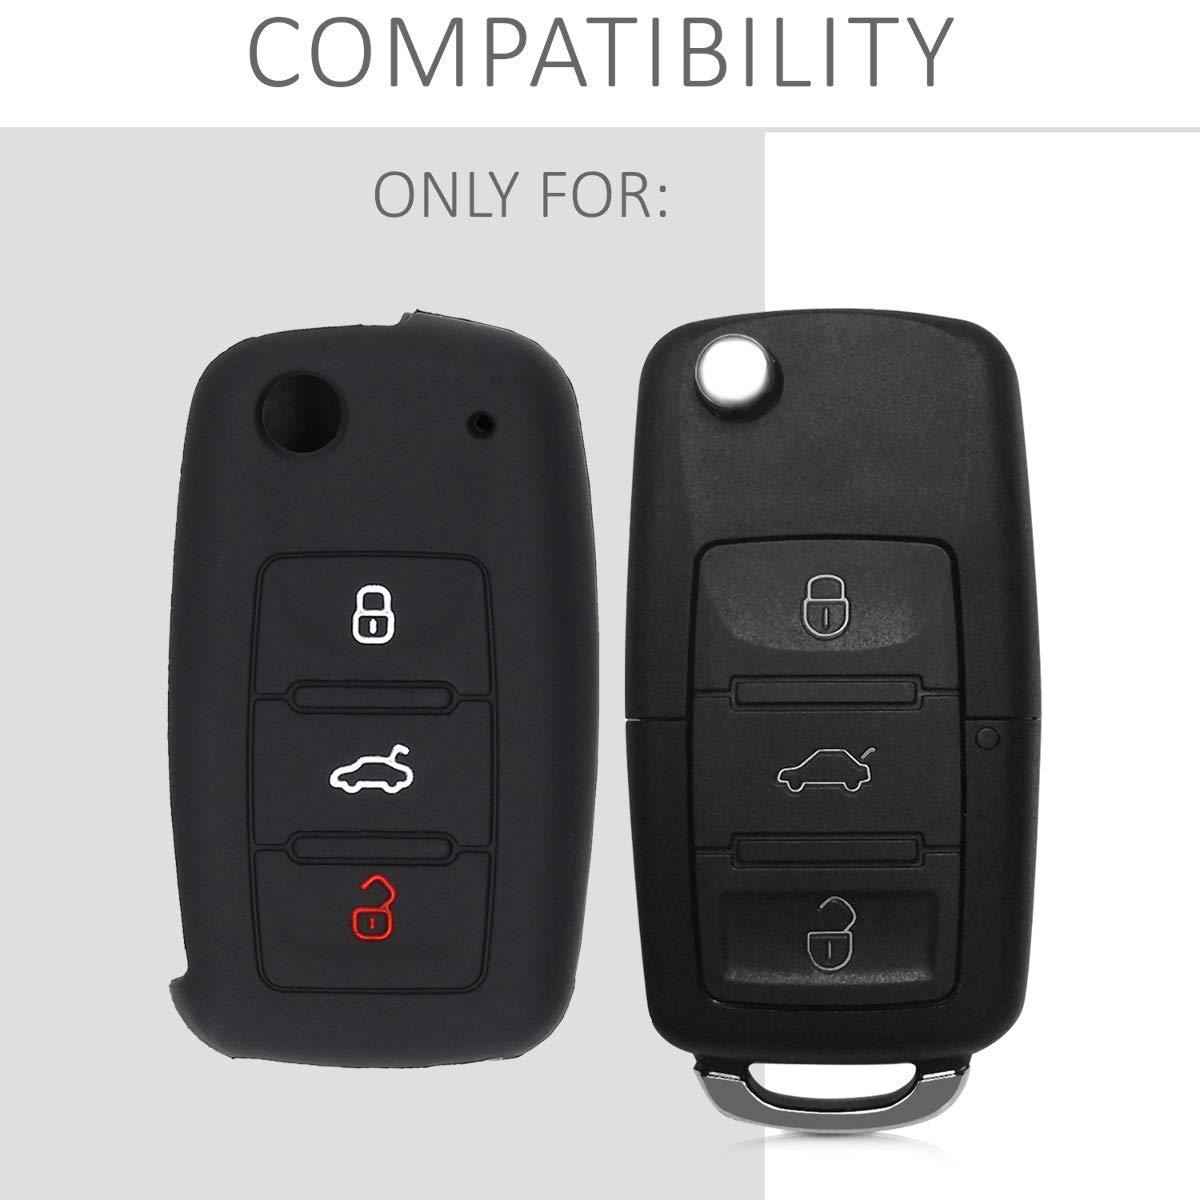 Carcasa para mando de 5 botones DON LLAVE/® AMDLRO06NO Modelos en el interior